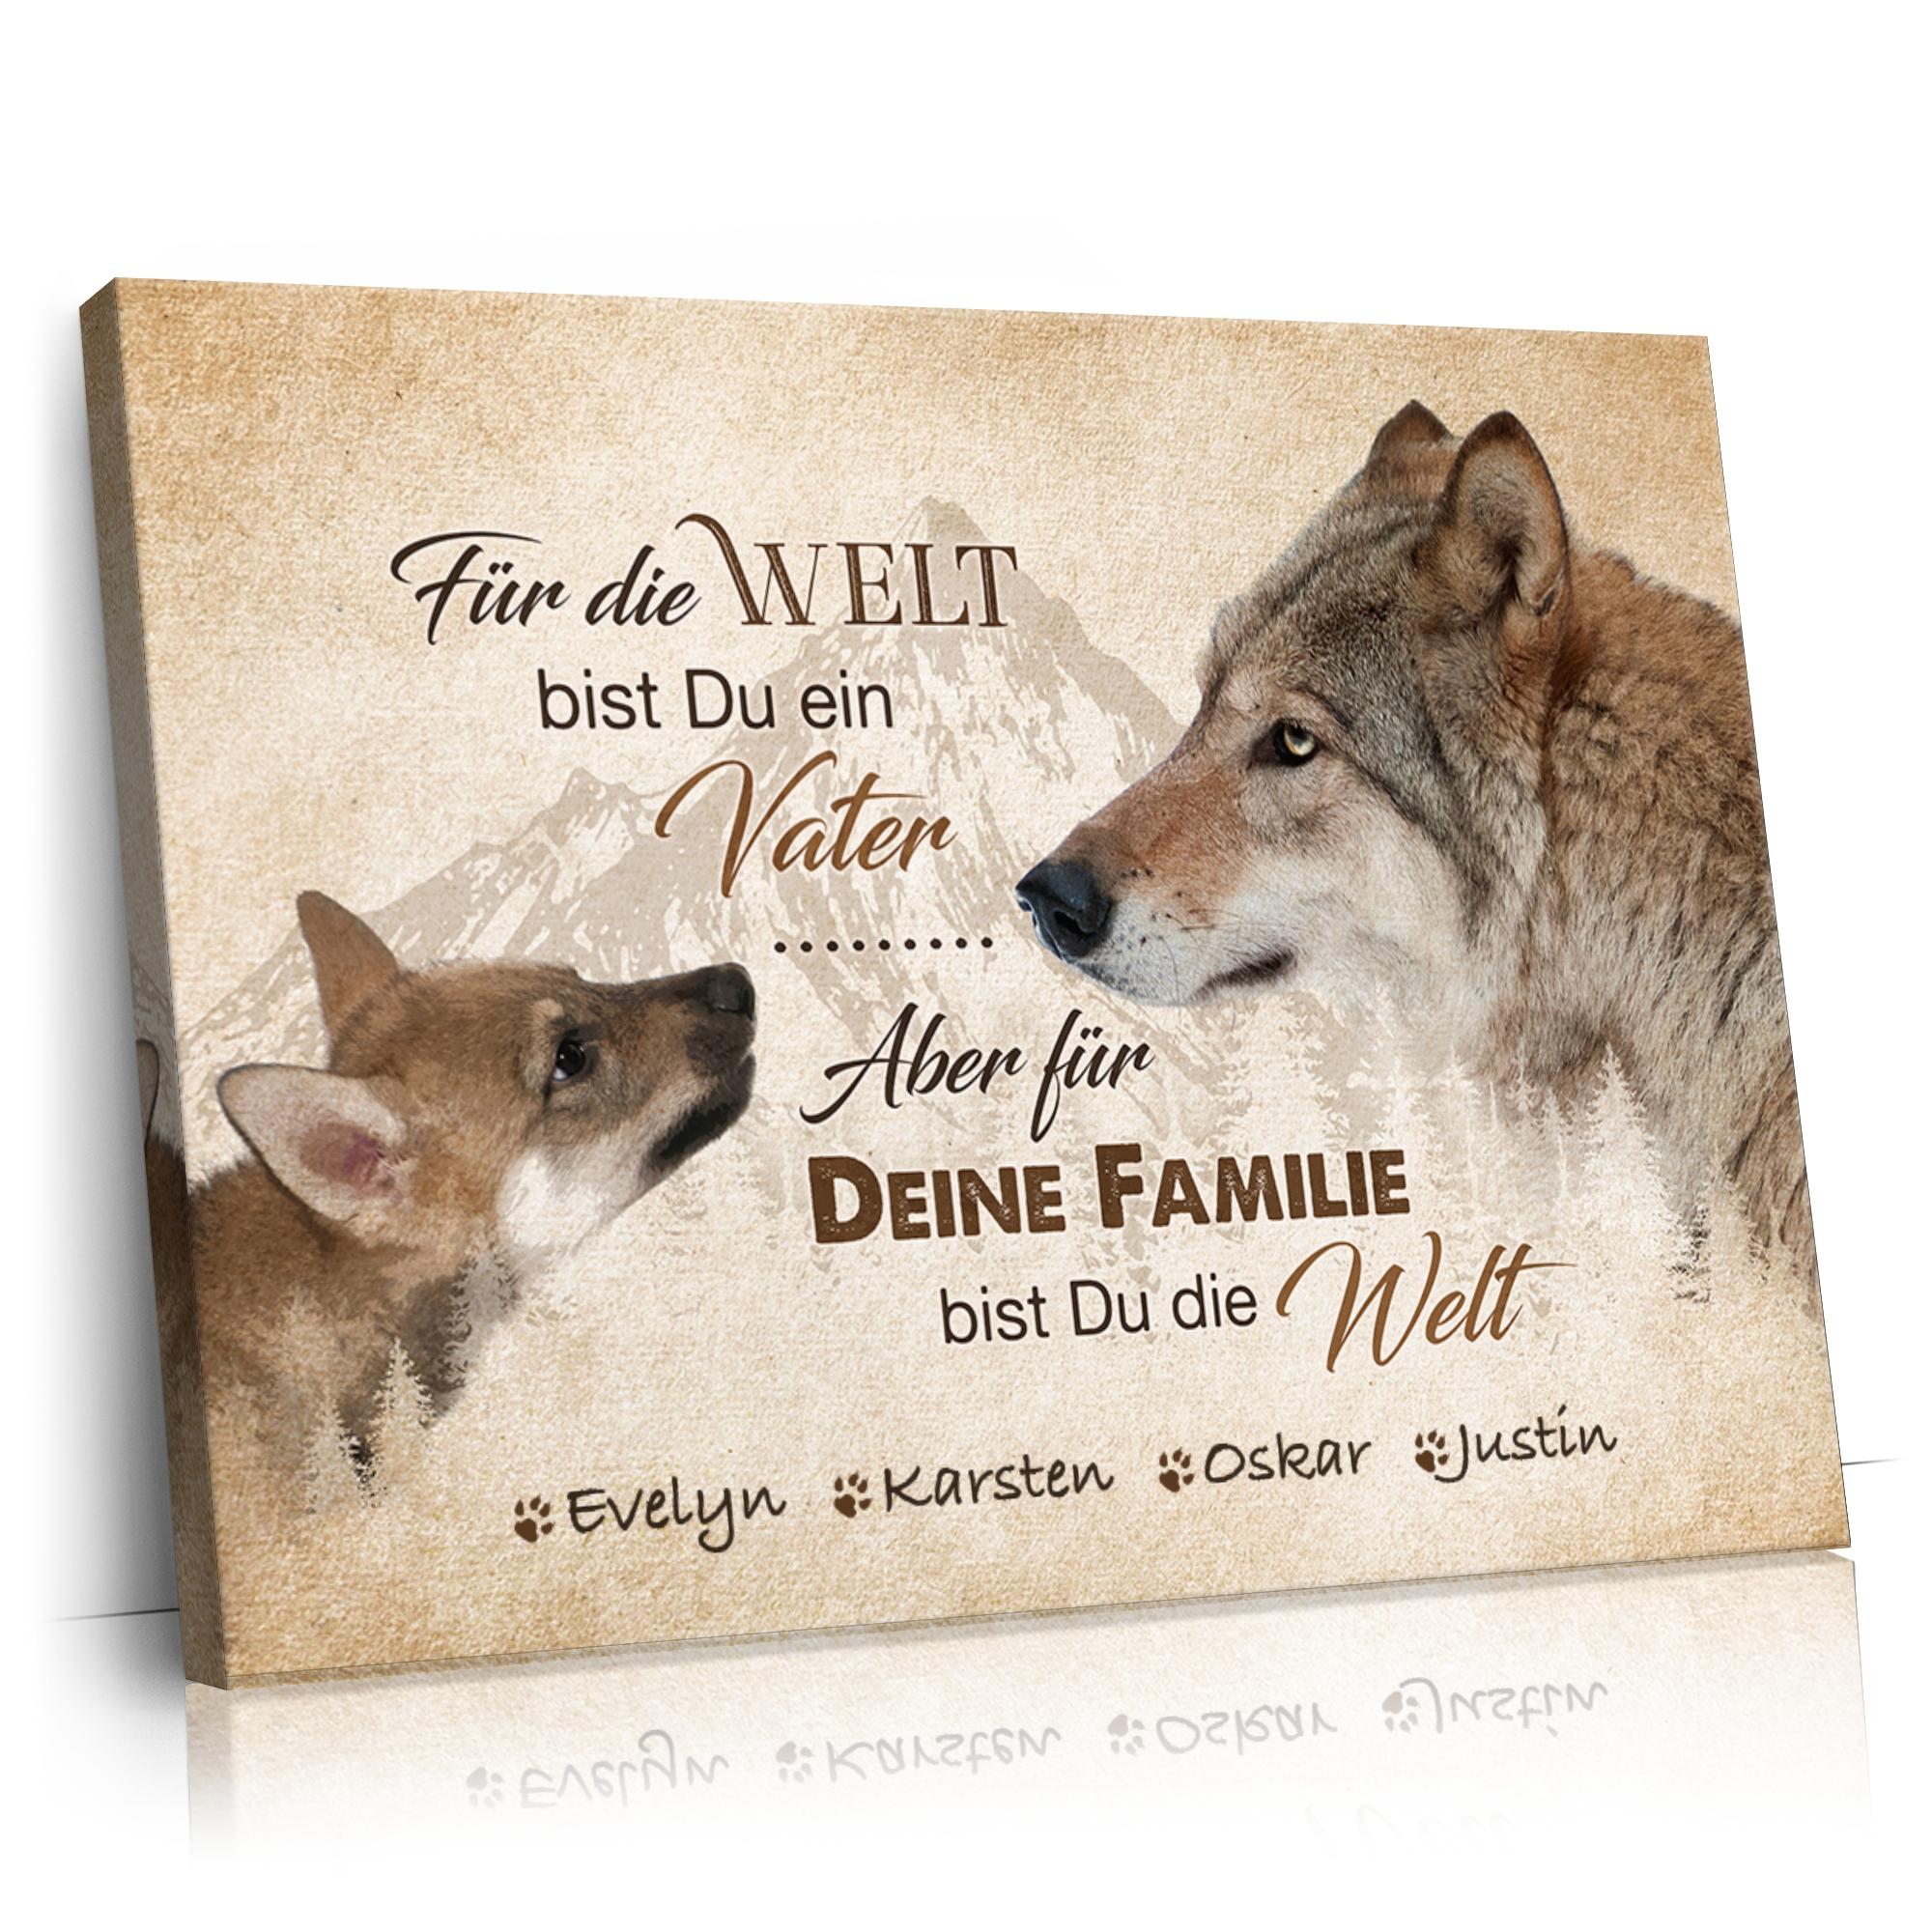 Wolfsvater